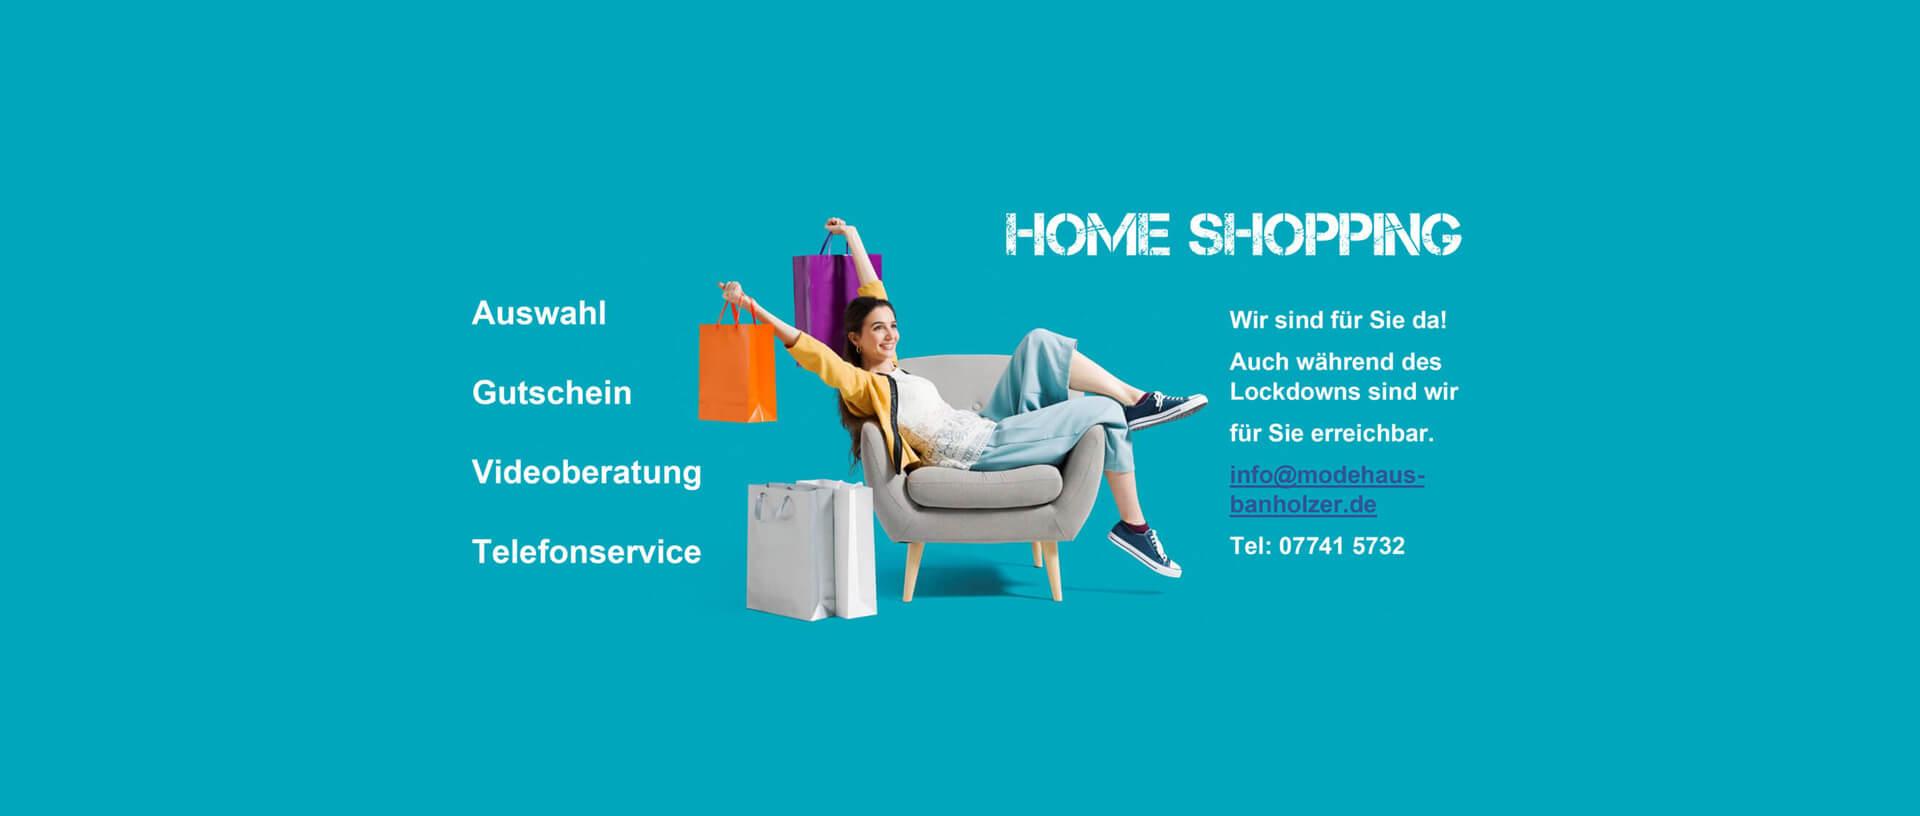 Home Shopping - Modehaus Banholzer